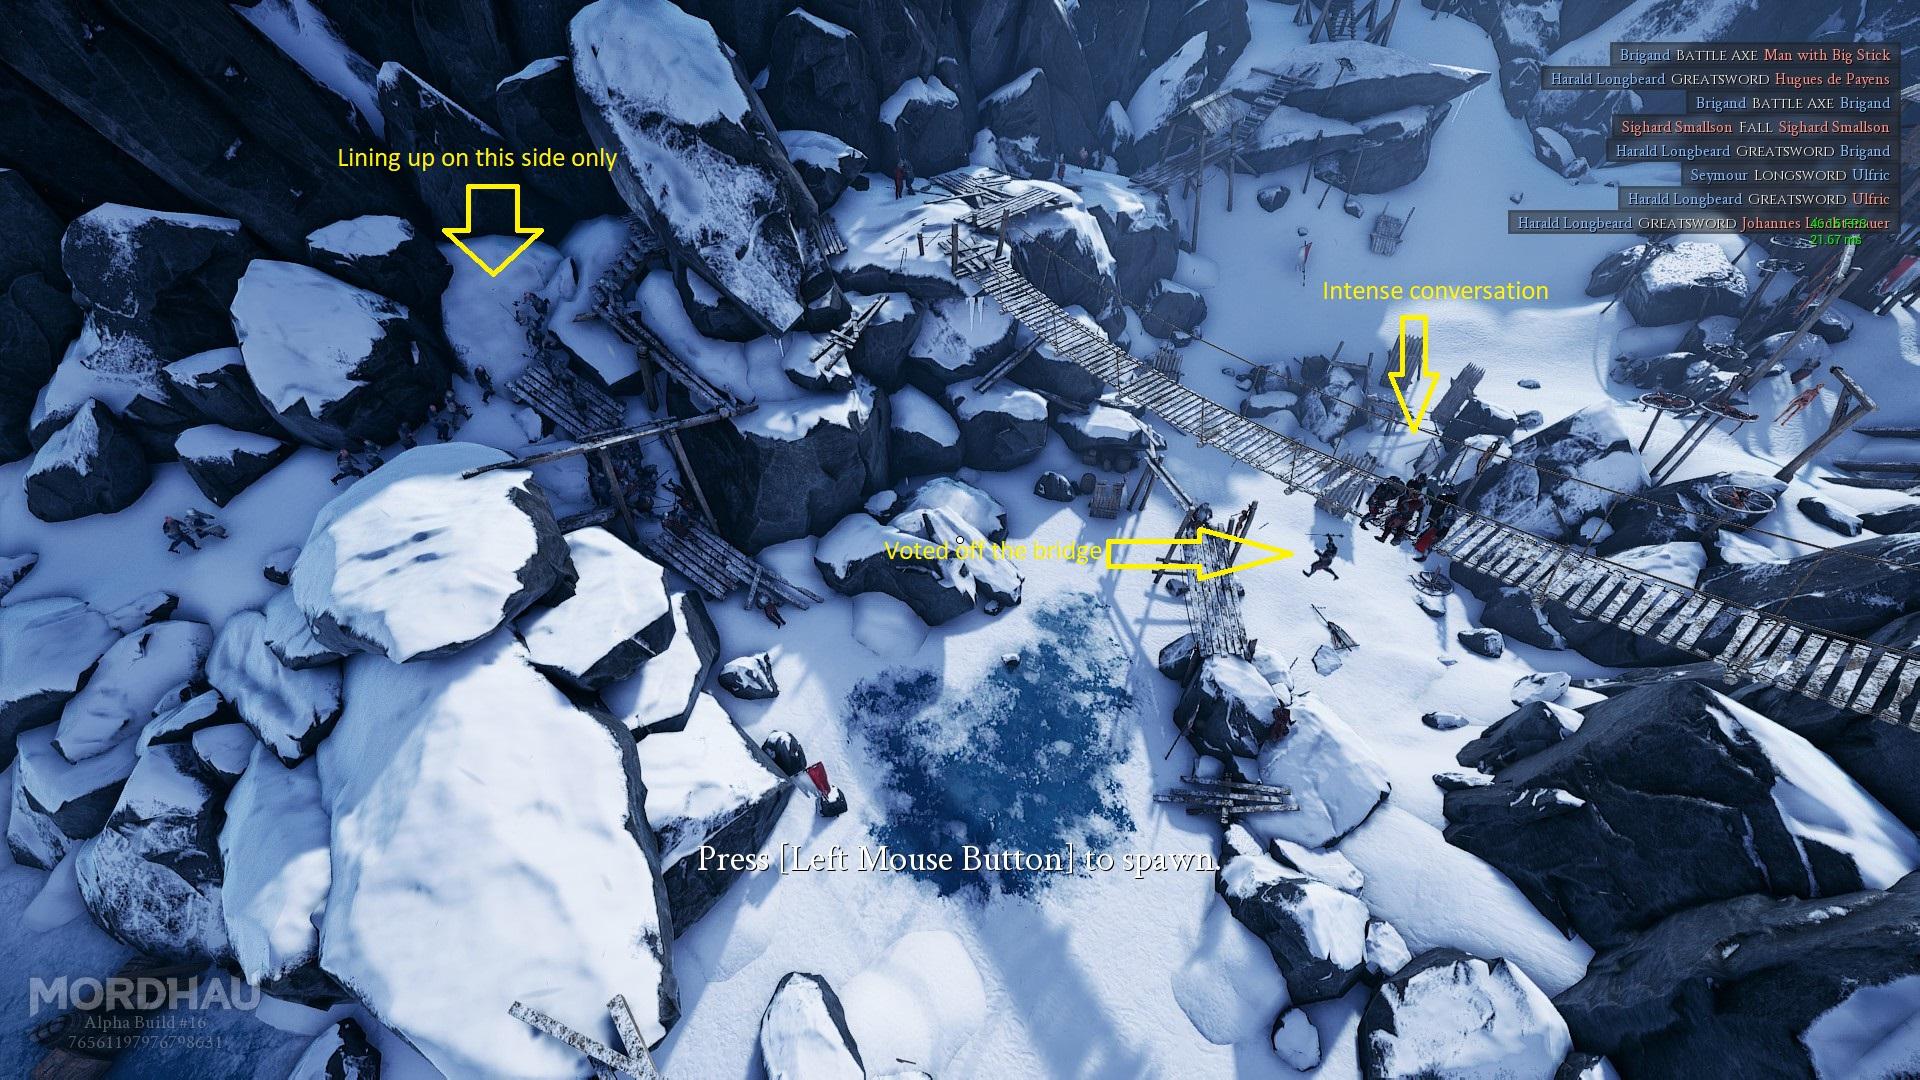 mountainpeak1.jpg